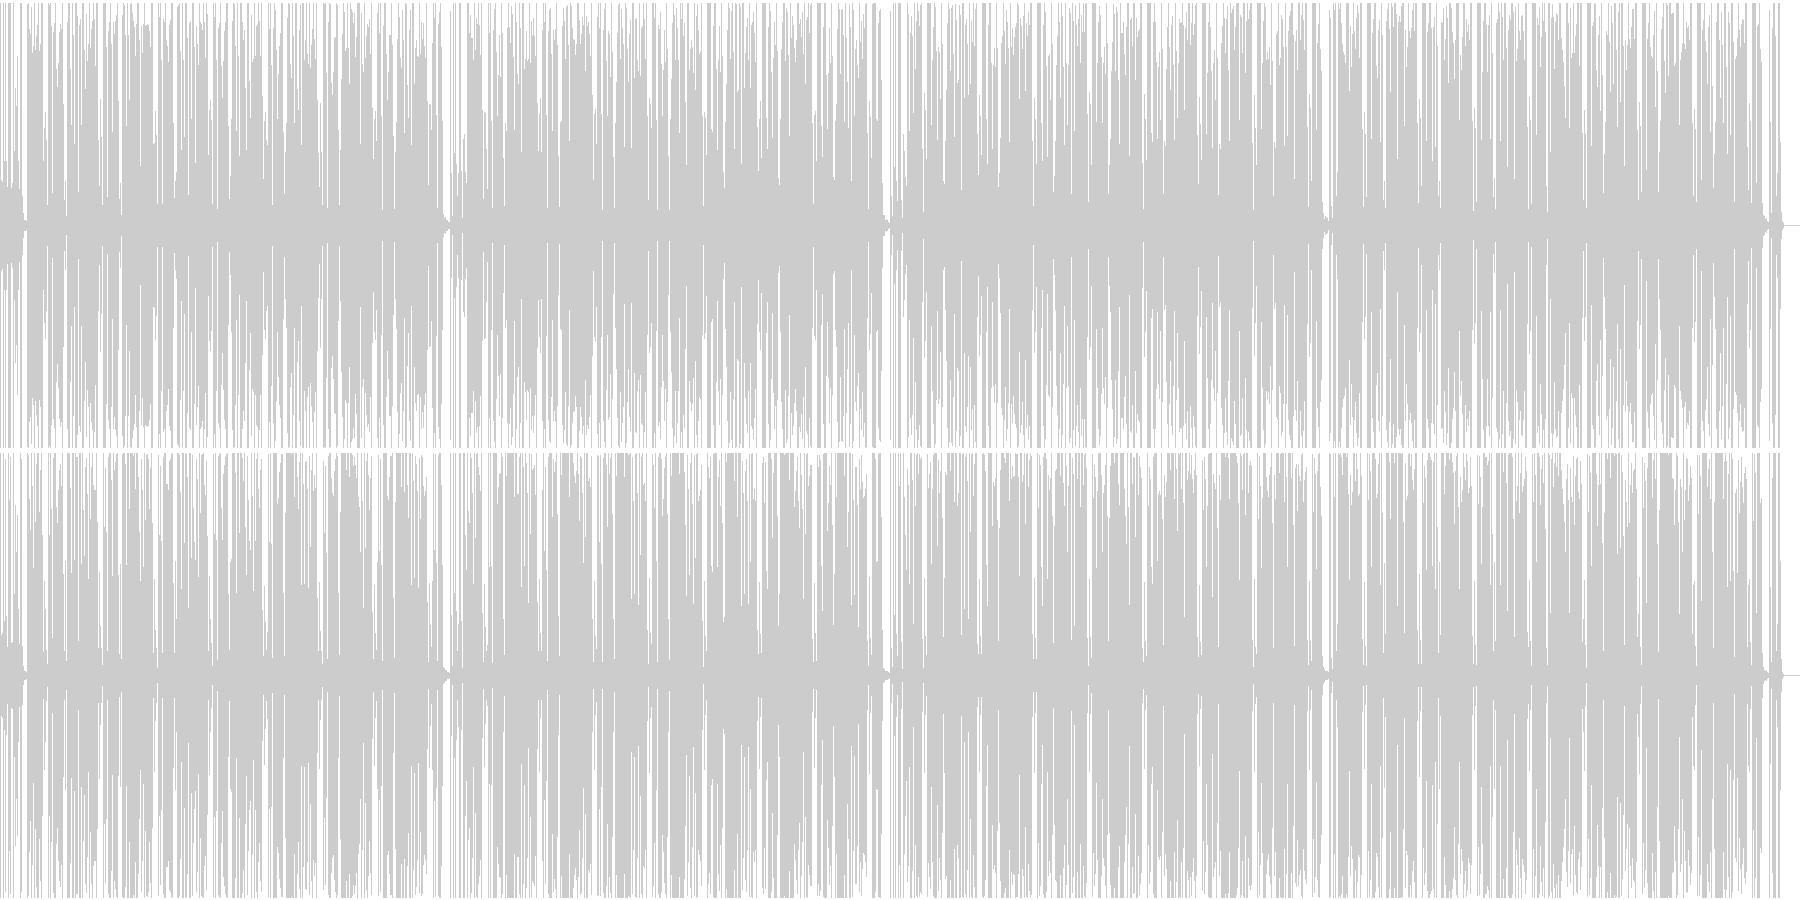 オールドクラシックなファンクの未再生の波形